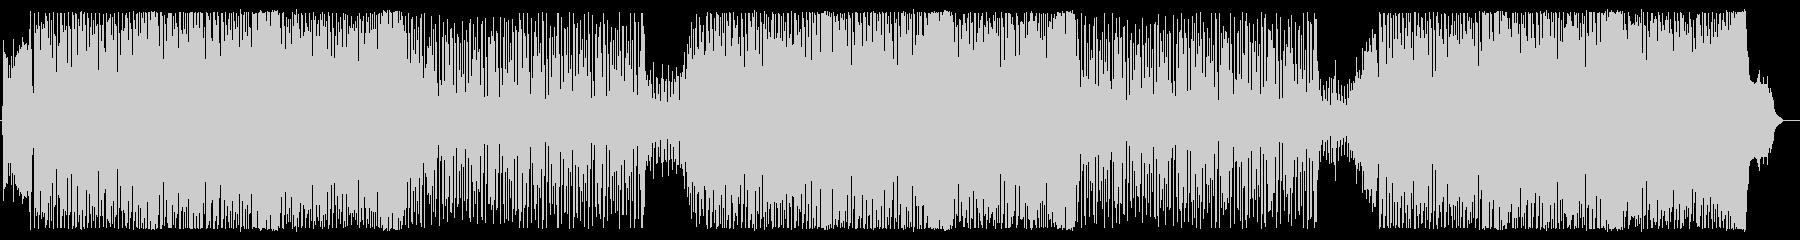 和風EDM。動画のオープニングにピッタリの未再生の波形